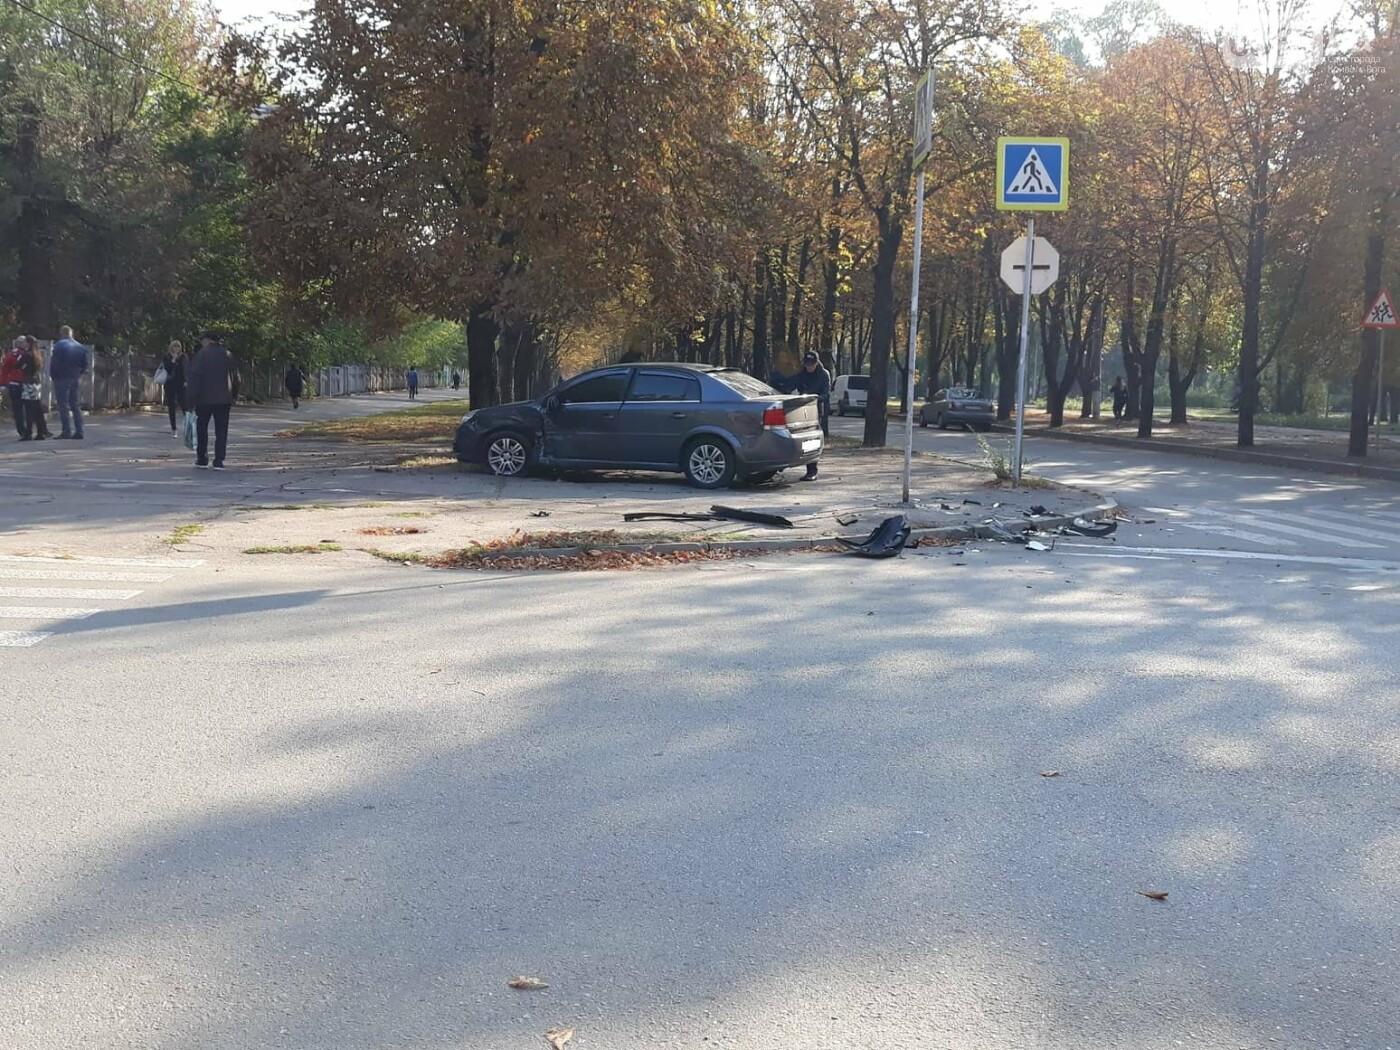 ДТП в Кривом Роге: от удара Chery выбросило далеко за пределы проезжей части, фото-11